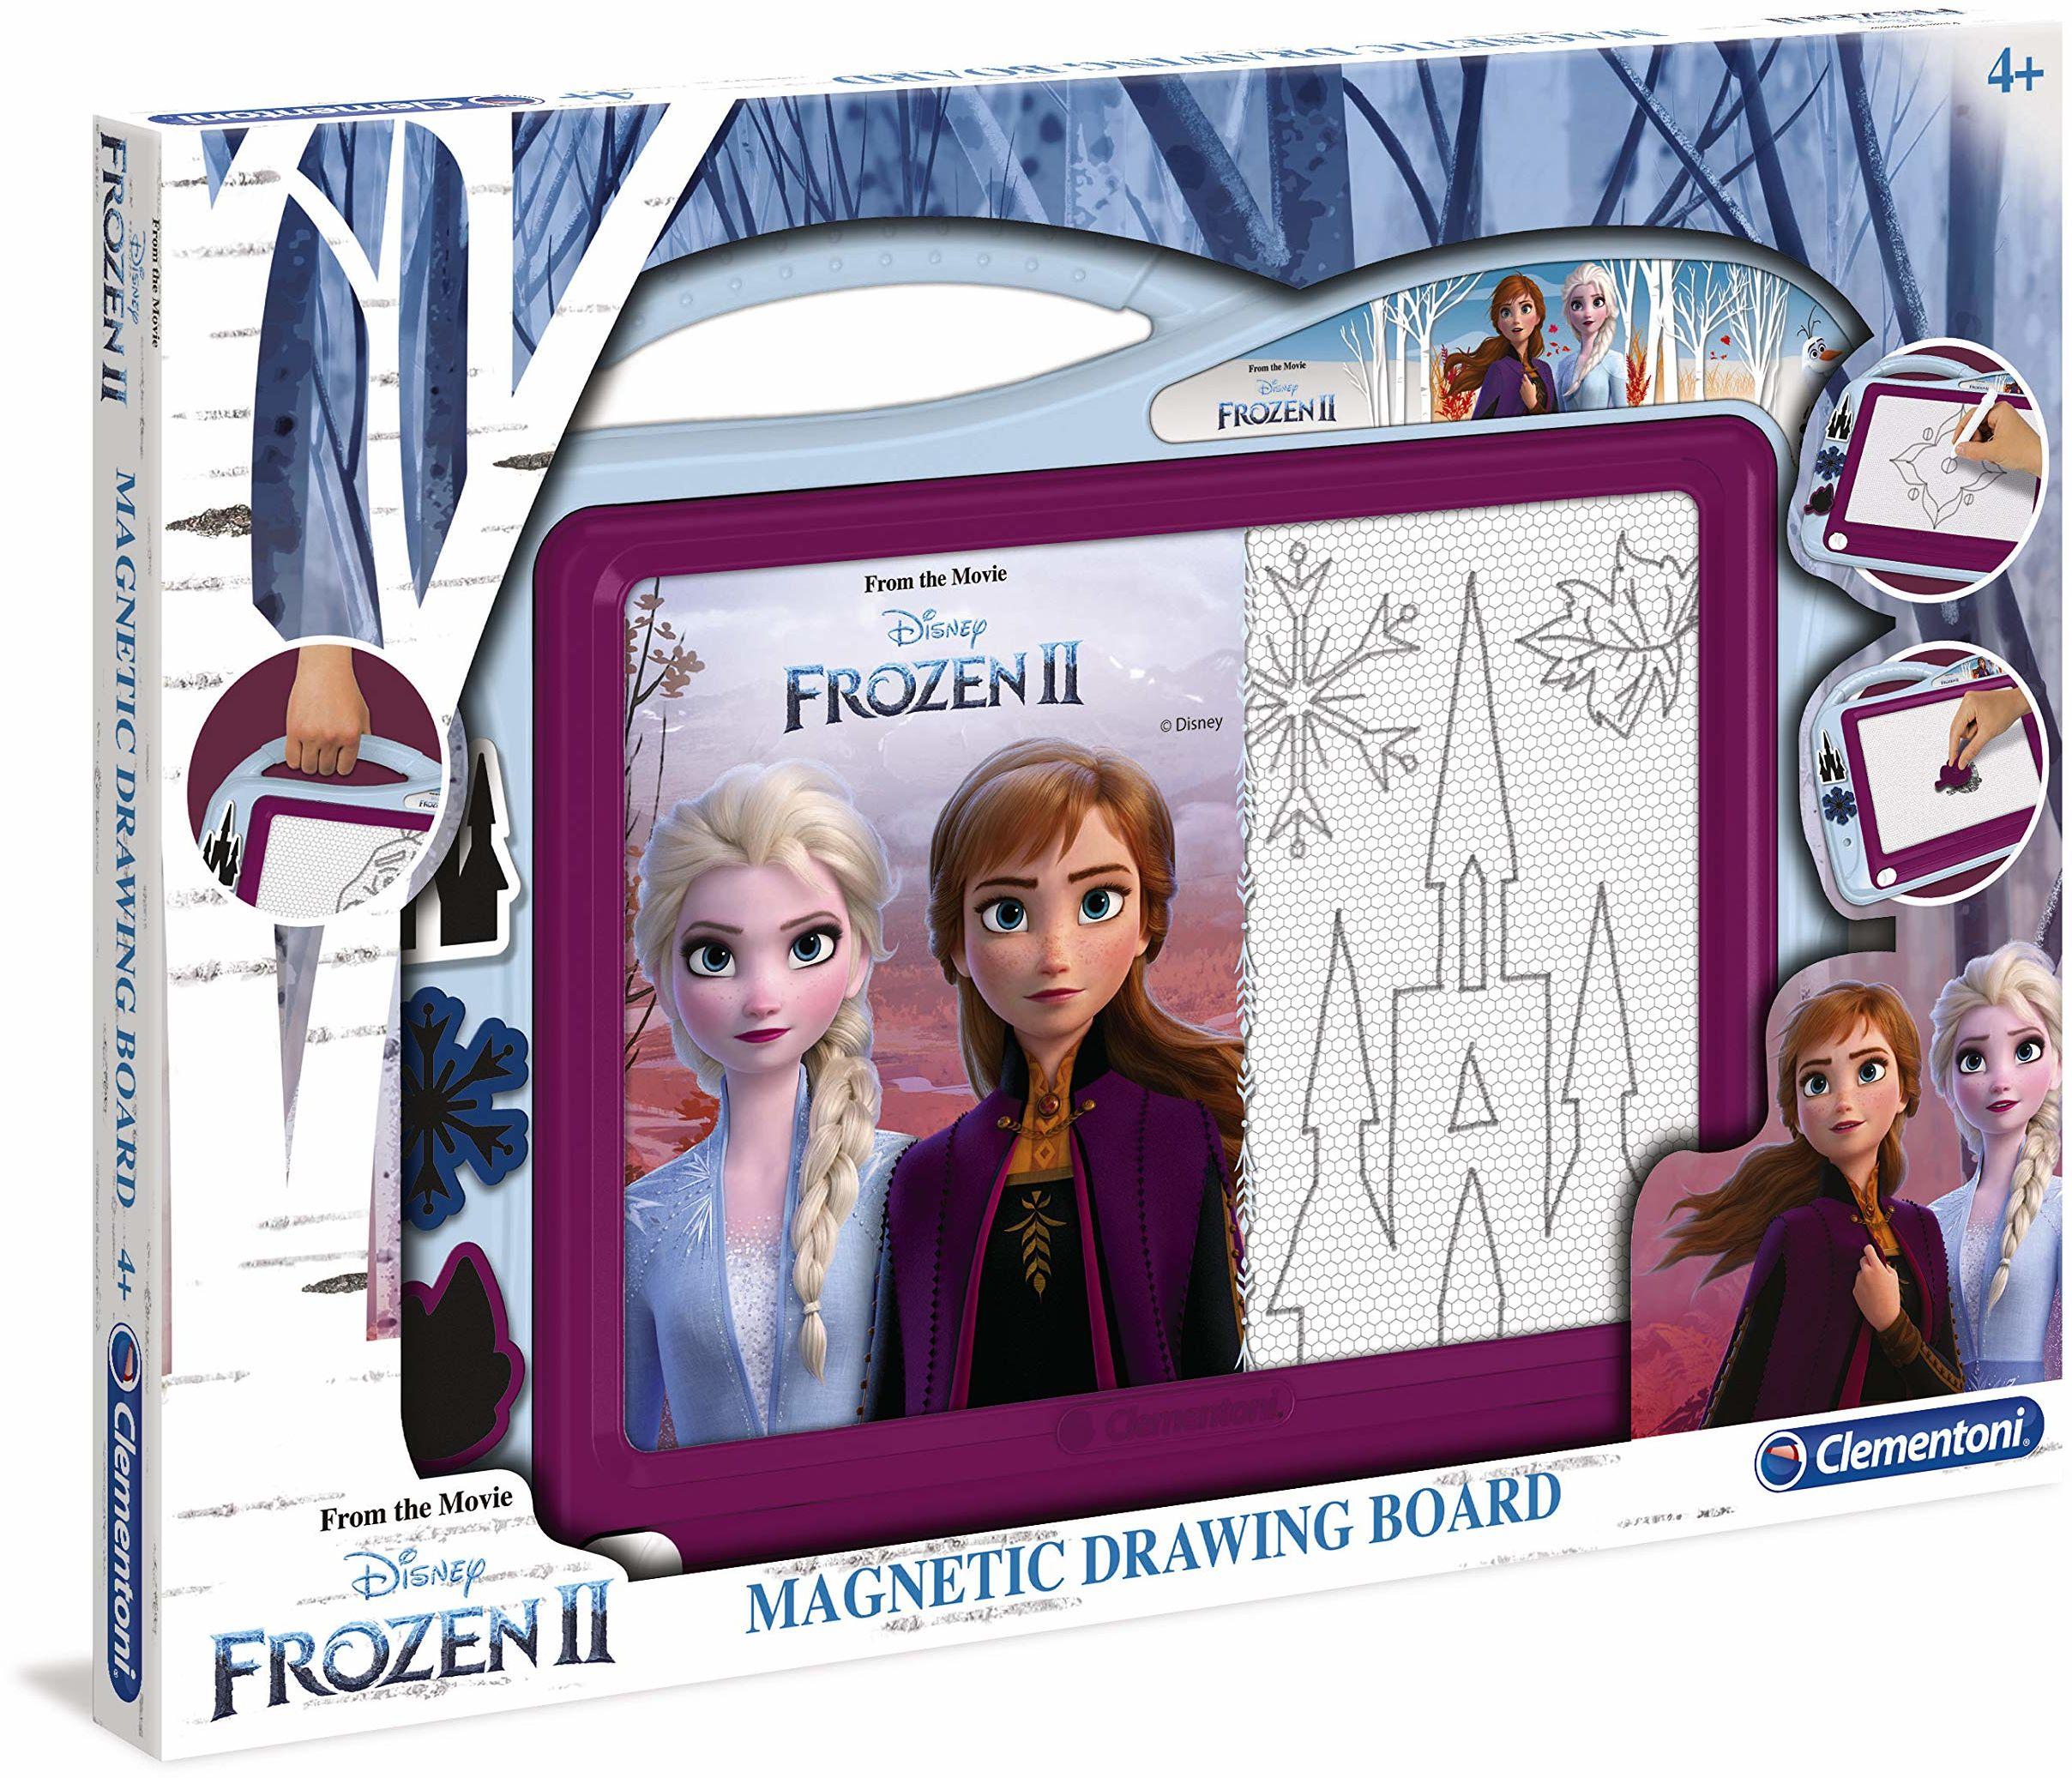 Clementoni 15290 magiczna tablica Disney Frozen 2, magnetyczna tablica do rysowania i malowania, do zmywania i ponownego użytku, z 3 szablonami, zabawka kreatywna dla dzieci od 4 roku życia